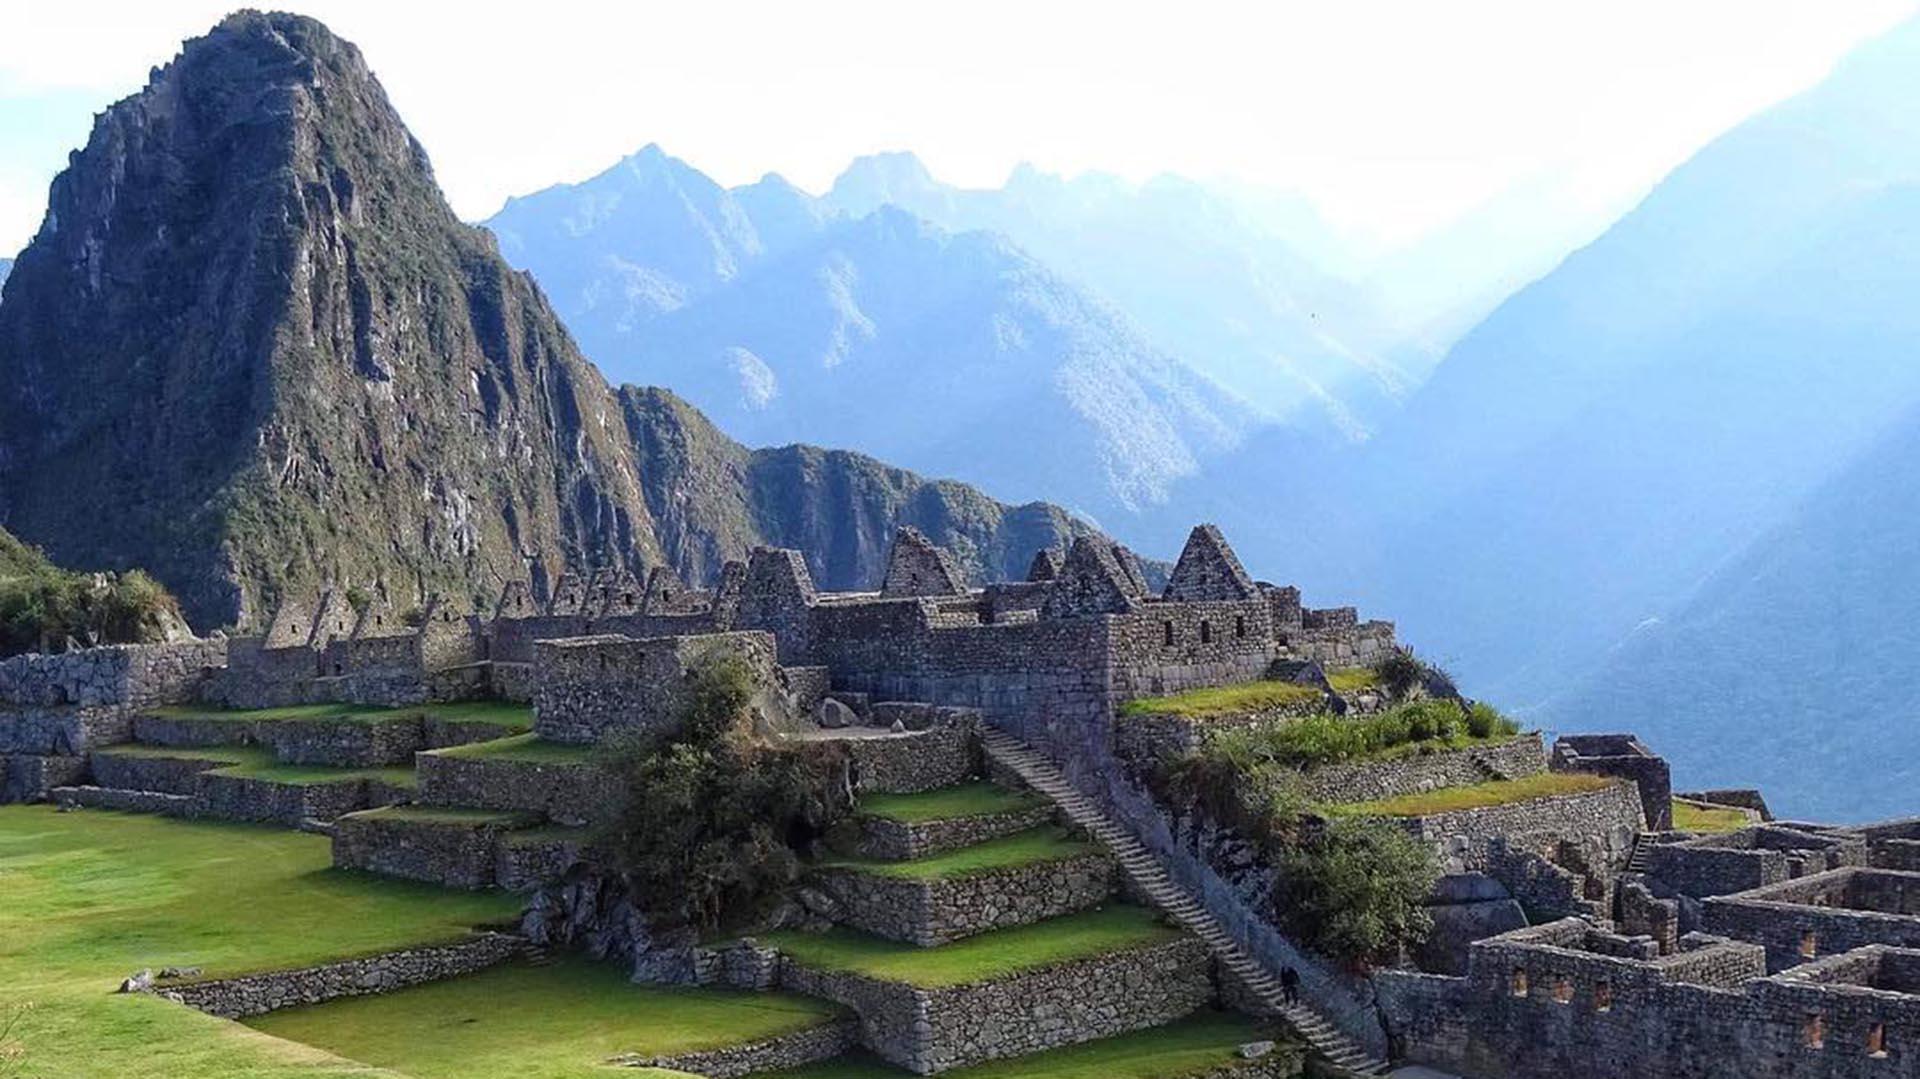 Desde 2007 es considerada una de las nuevas siete maravillas del mundo. Perú, en un acuerdo con la UNESCO, está tratando de hacer todo lo posible para proteger Machu Picchu (@manadelsol_)